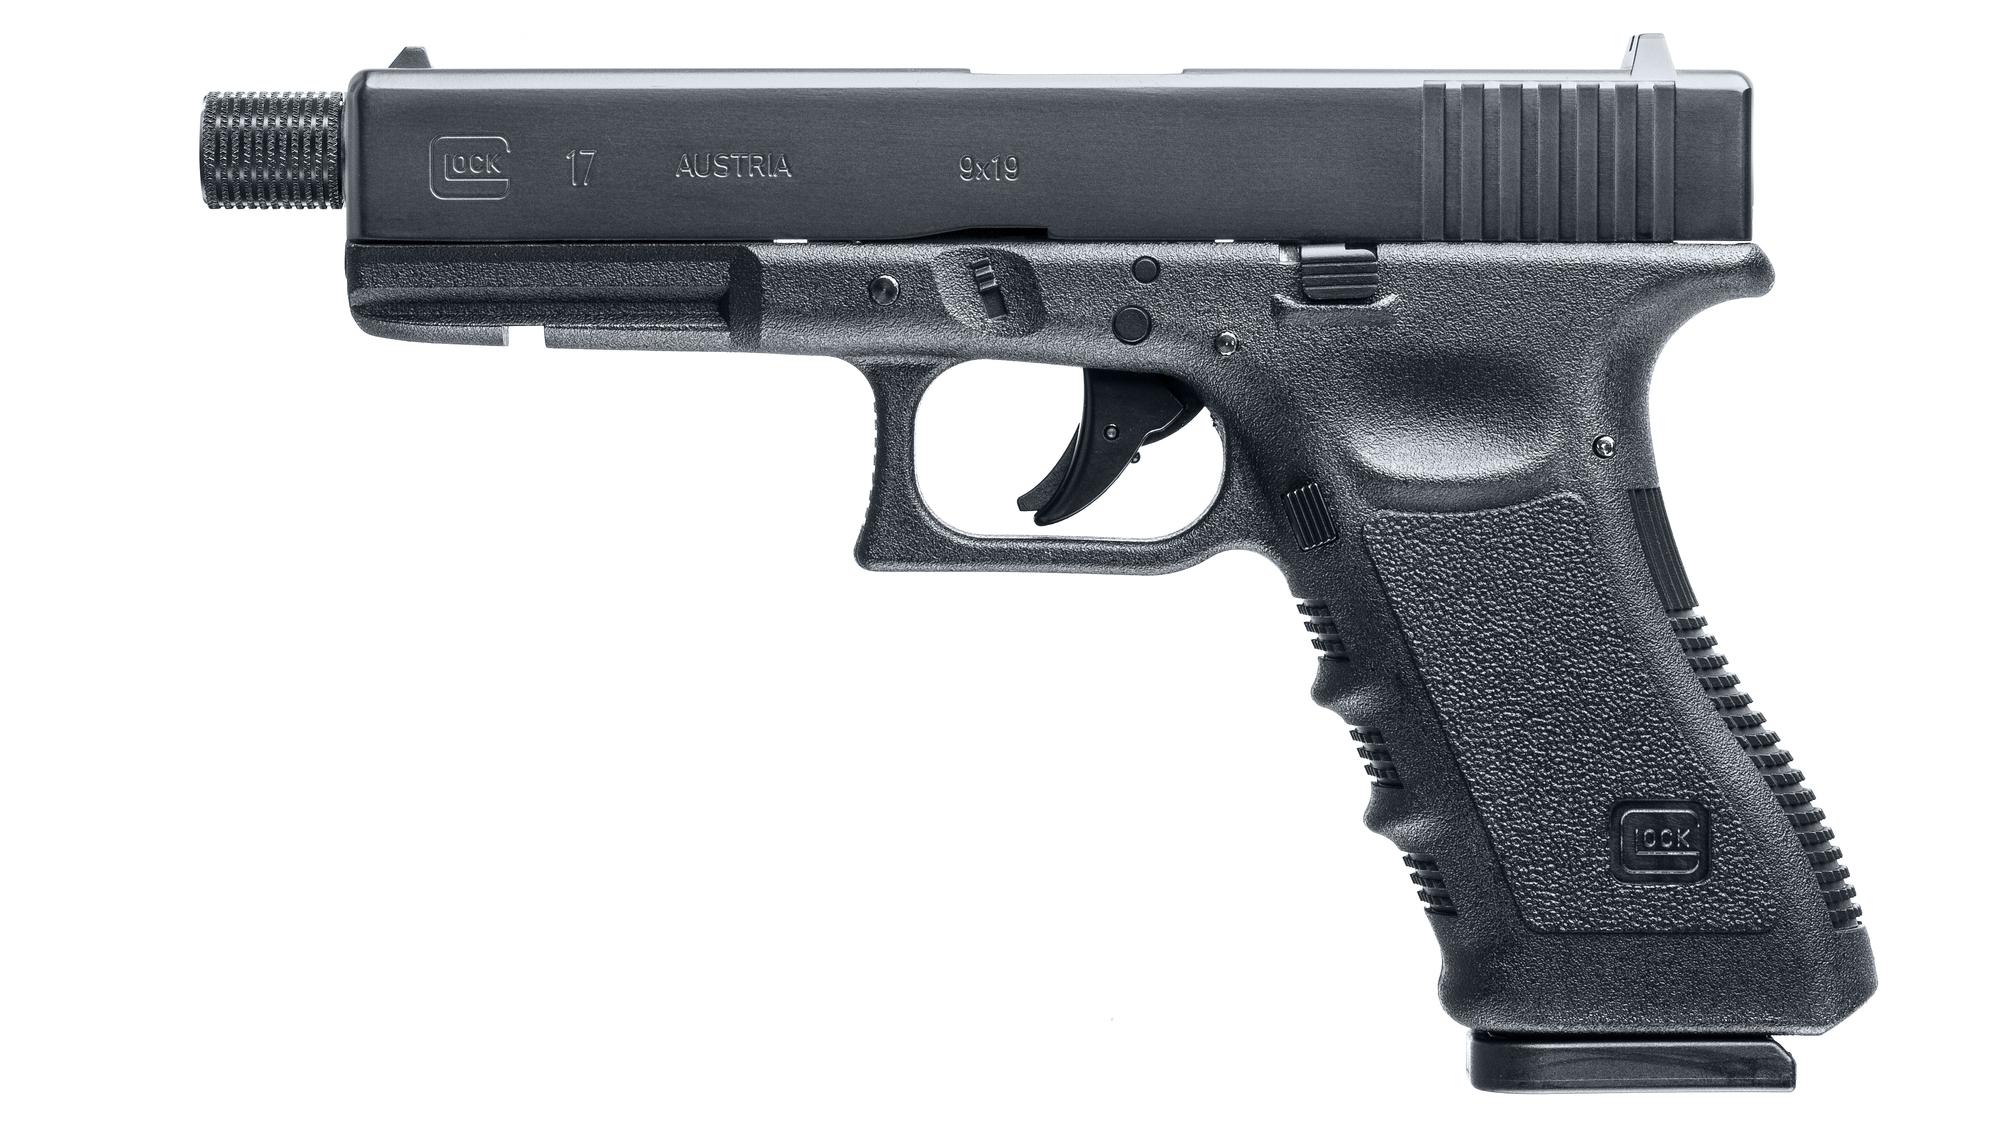 Glock 17 Threaded Barrel Pistol CO2 Pellet / BB Air Pistol